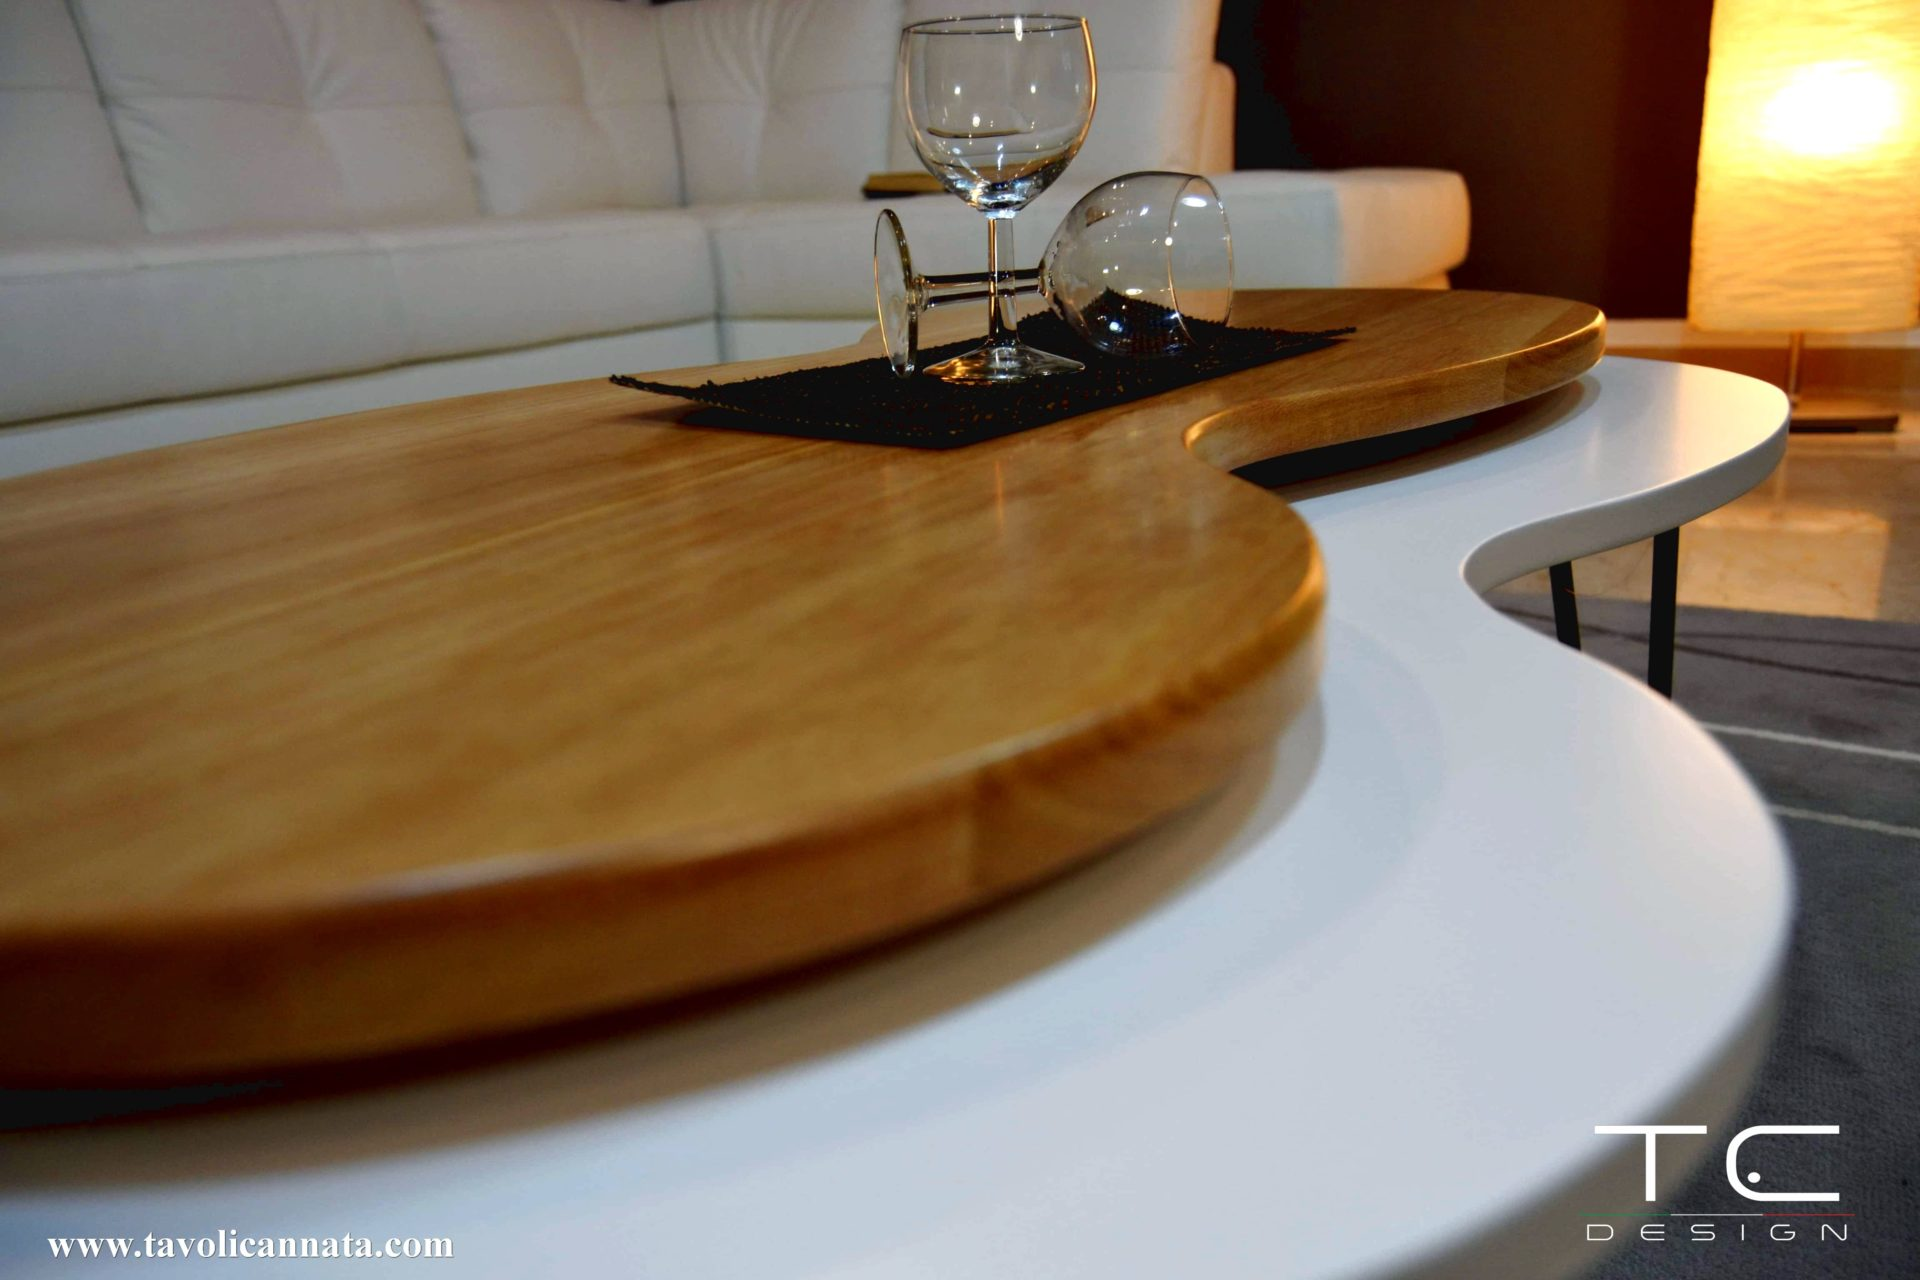 Soggiorno Moderno Con Tavolo In Legno.Tavolini Moderni In Legno Per Salotto Tavolini Cannata